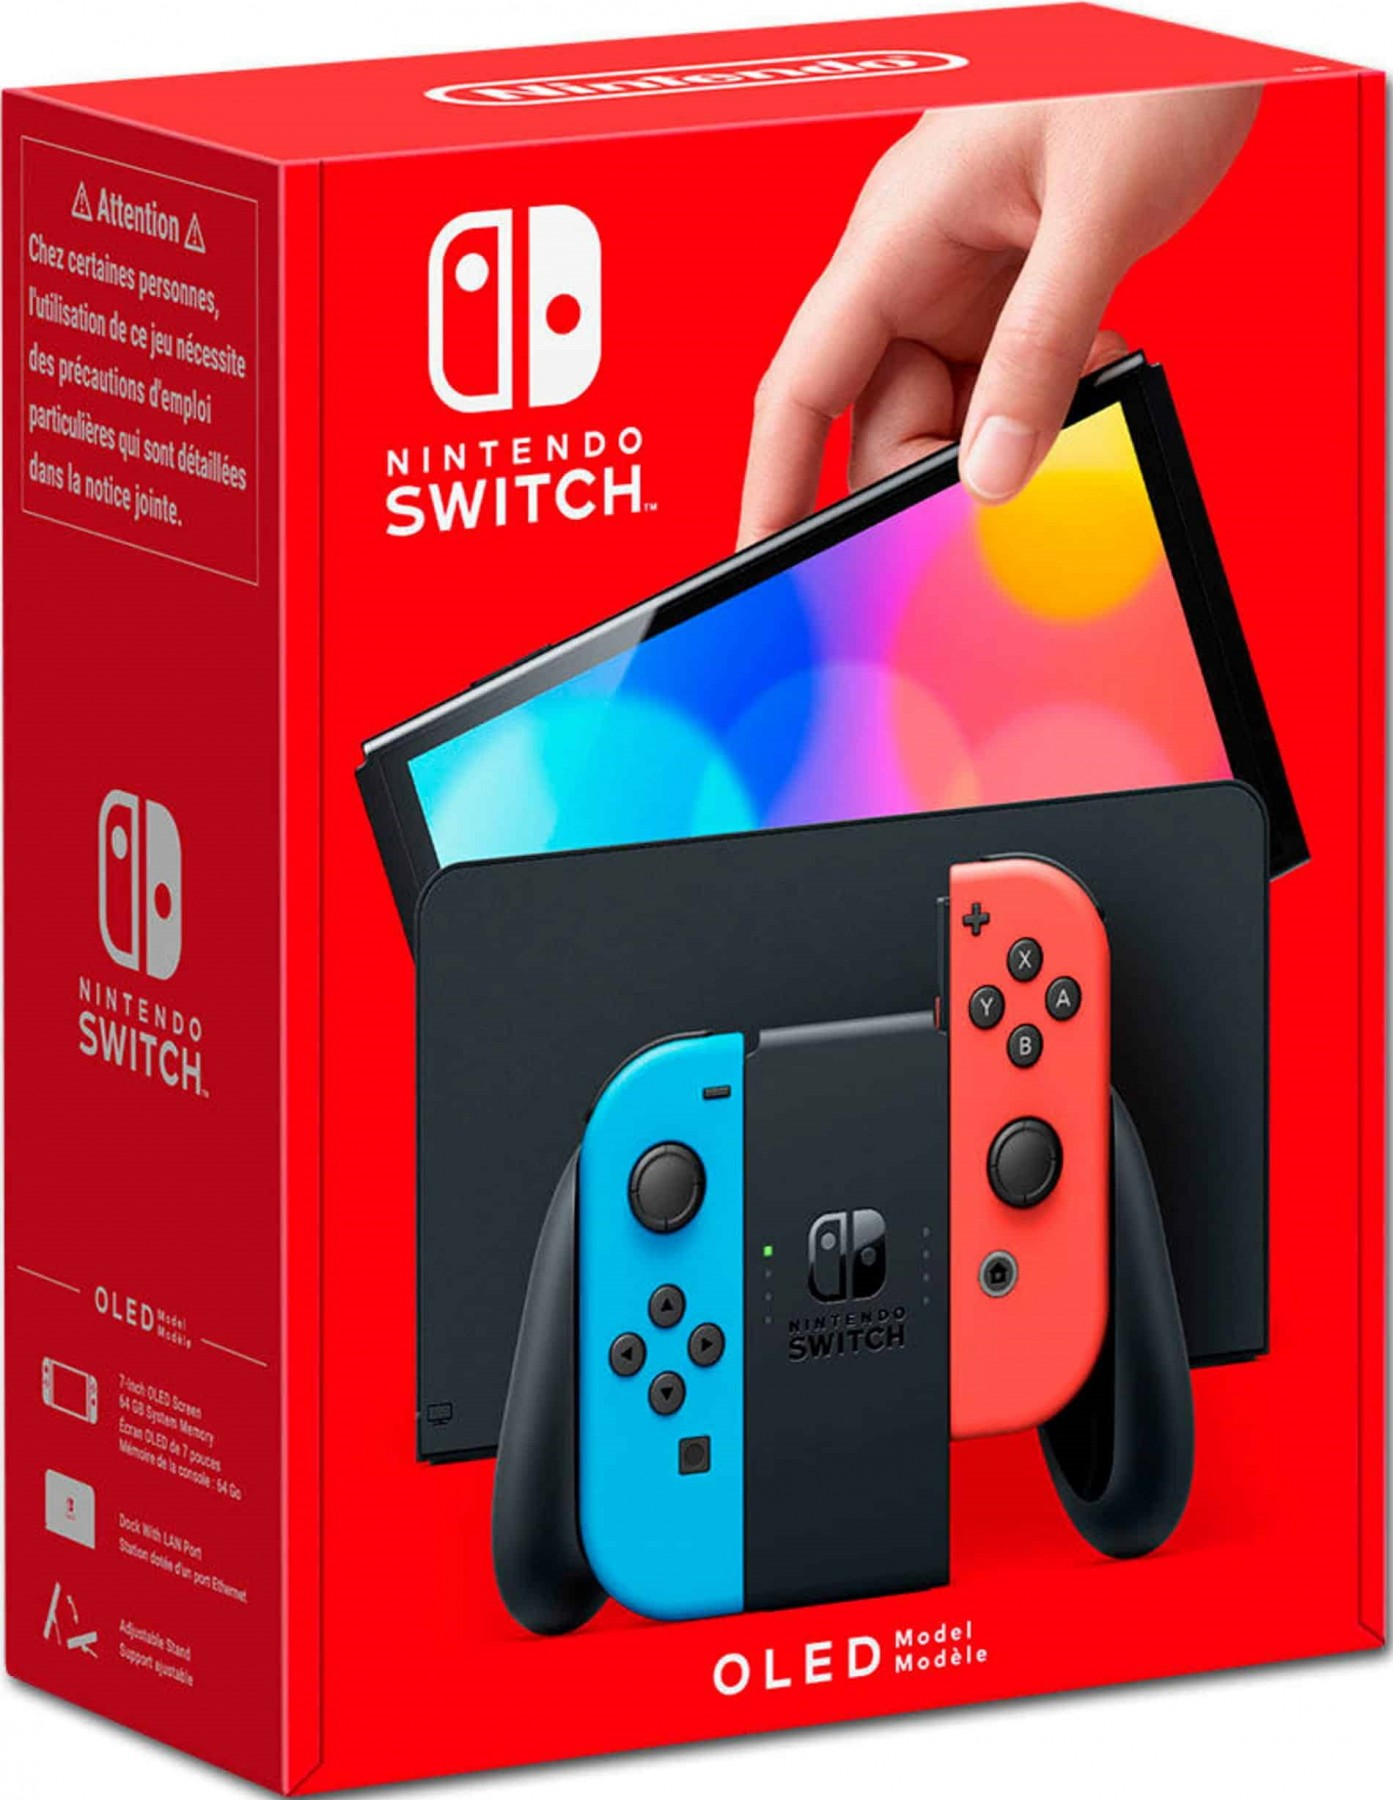 Ігрова консоль Nintendo Switch Neon Red & Neon Blue (OLED-модель) (неоновий червоний / неоновий синій)